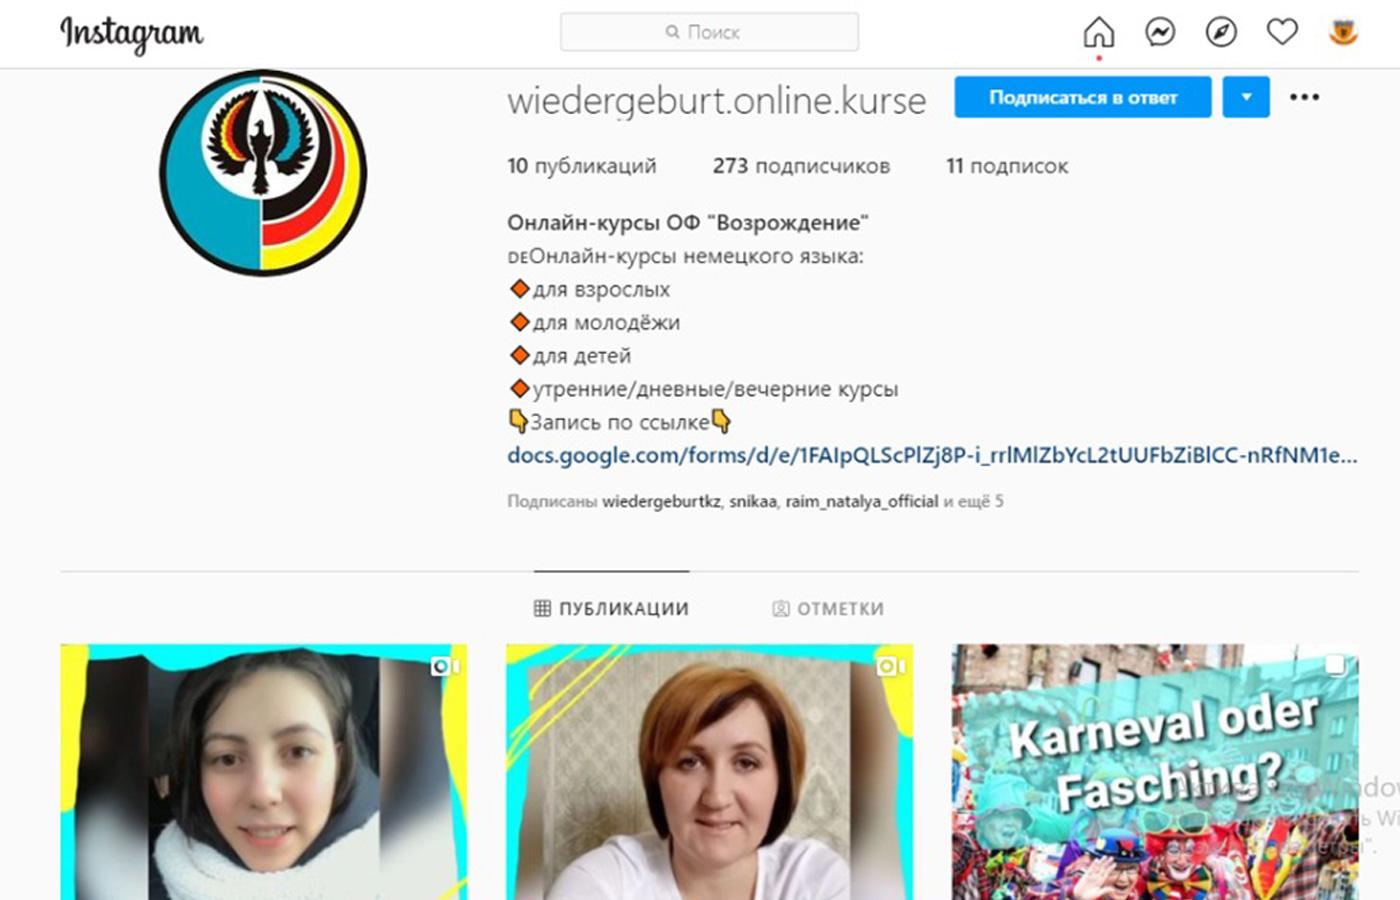 Республиканские онлайн-курсы немецкого языка